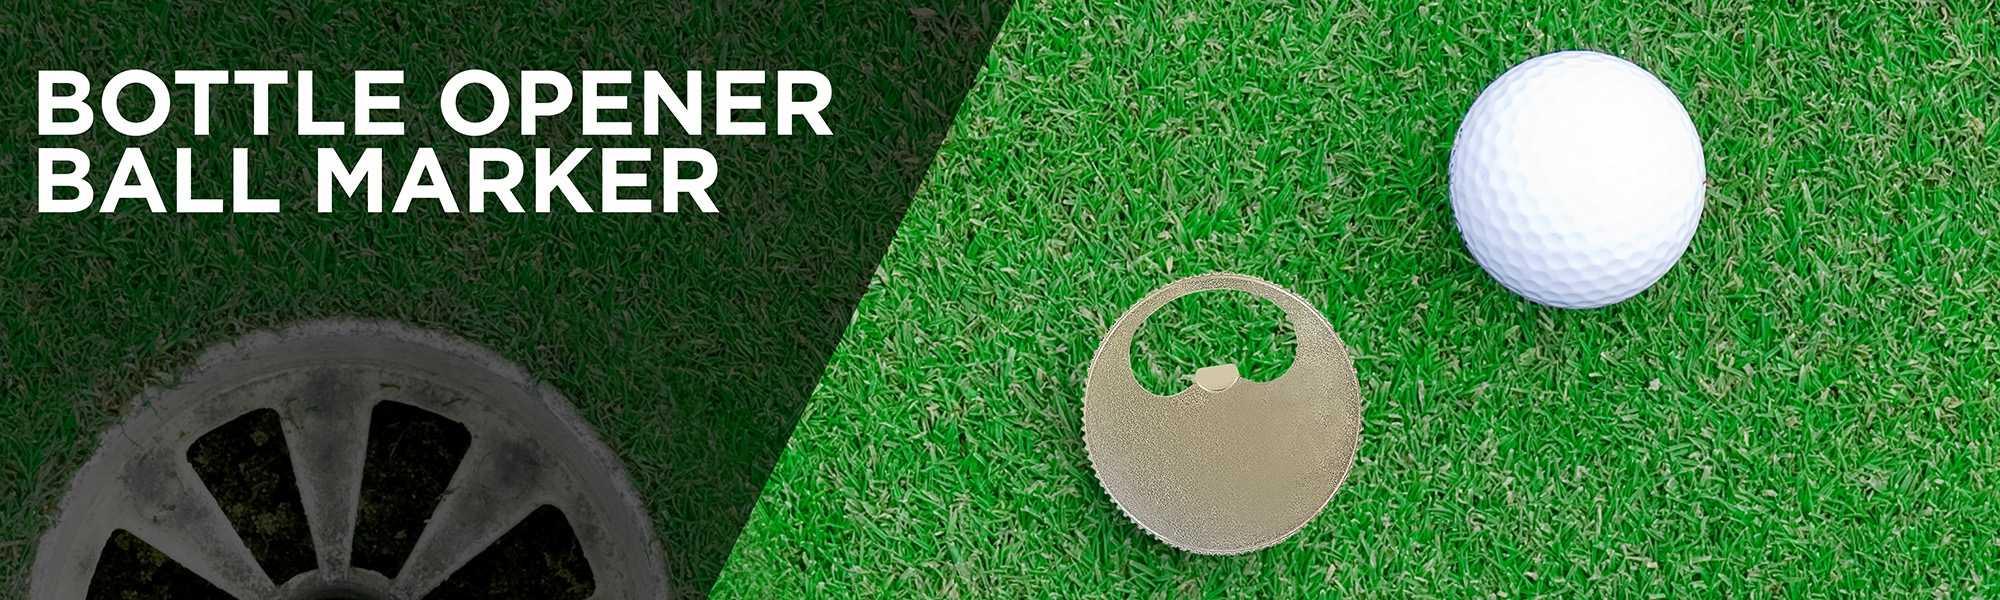 Bottle Opener Ball Marker AIM